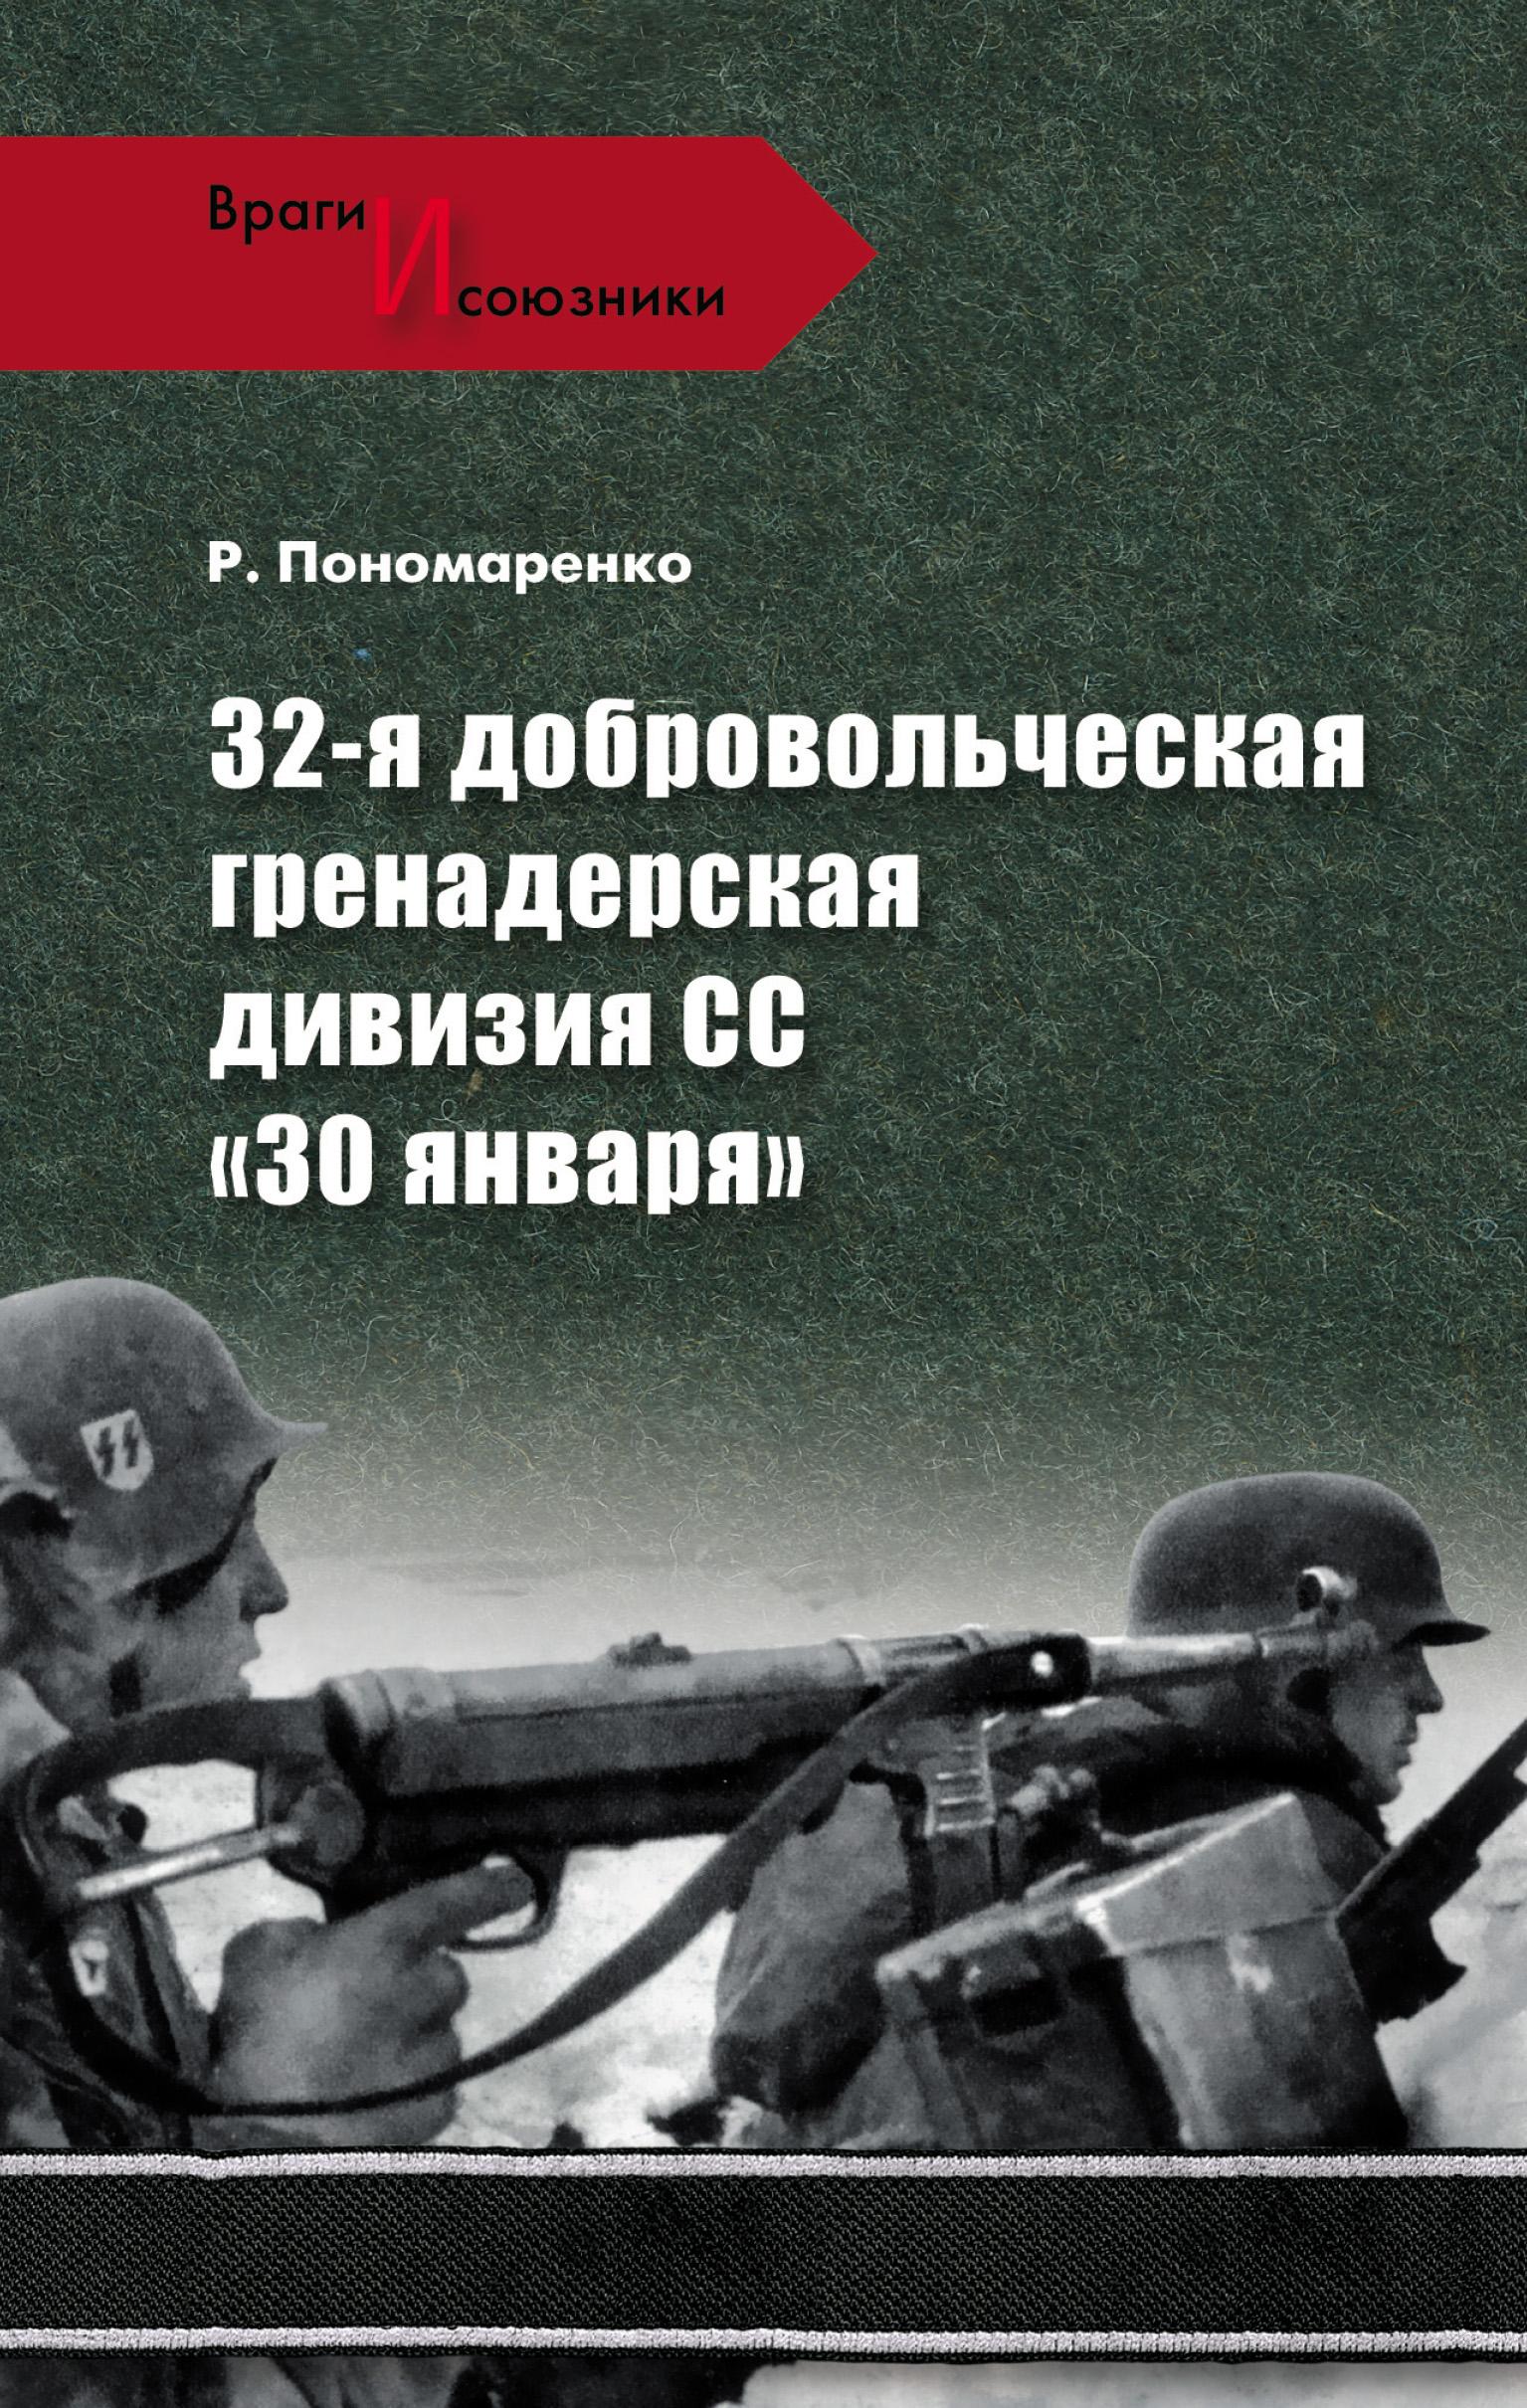 Роман Пономаренко 32-я добровольческая гренадерская дивизия СС «30 января» роман пономаренко 32 я добровольческая гренадерская дивизия сс 30 января